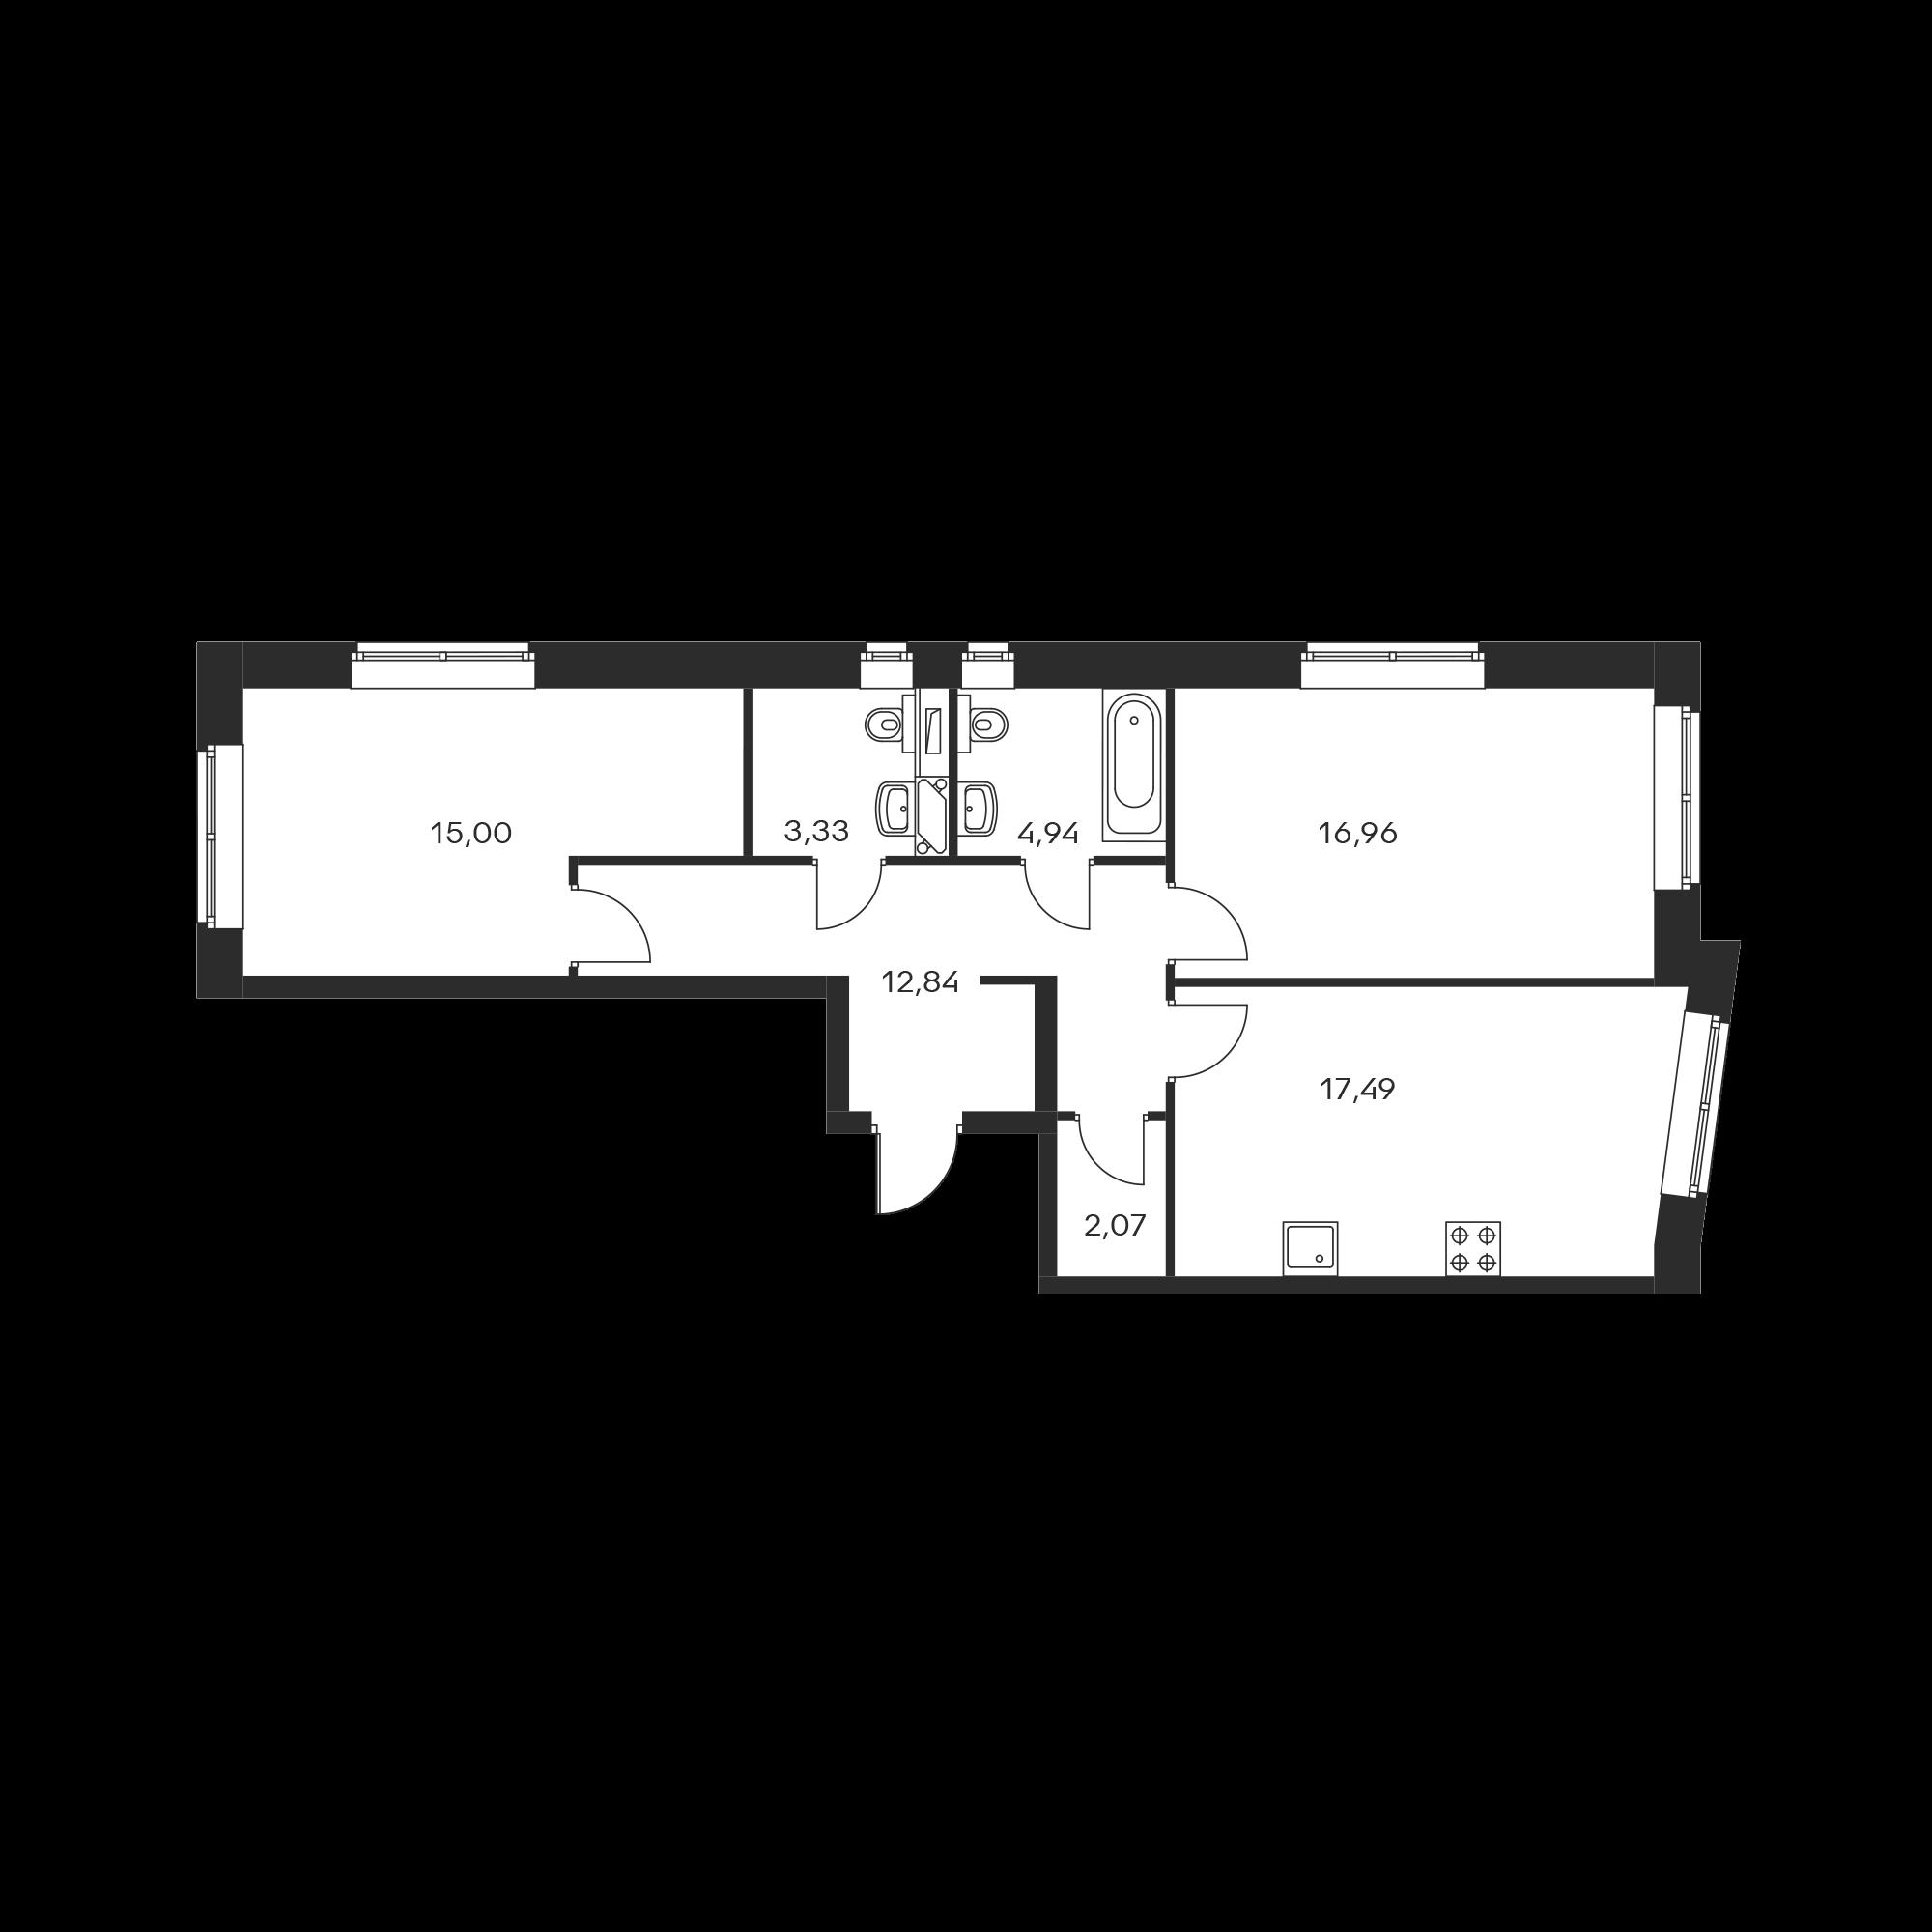 2-комнатная 72.63 м²